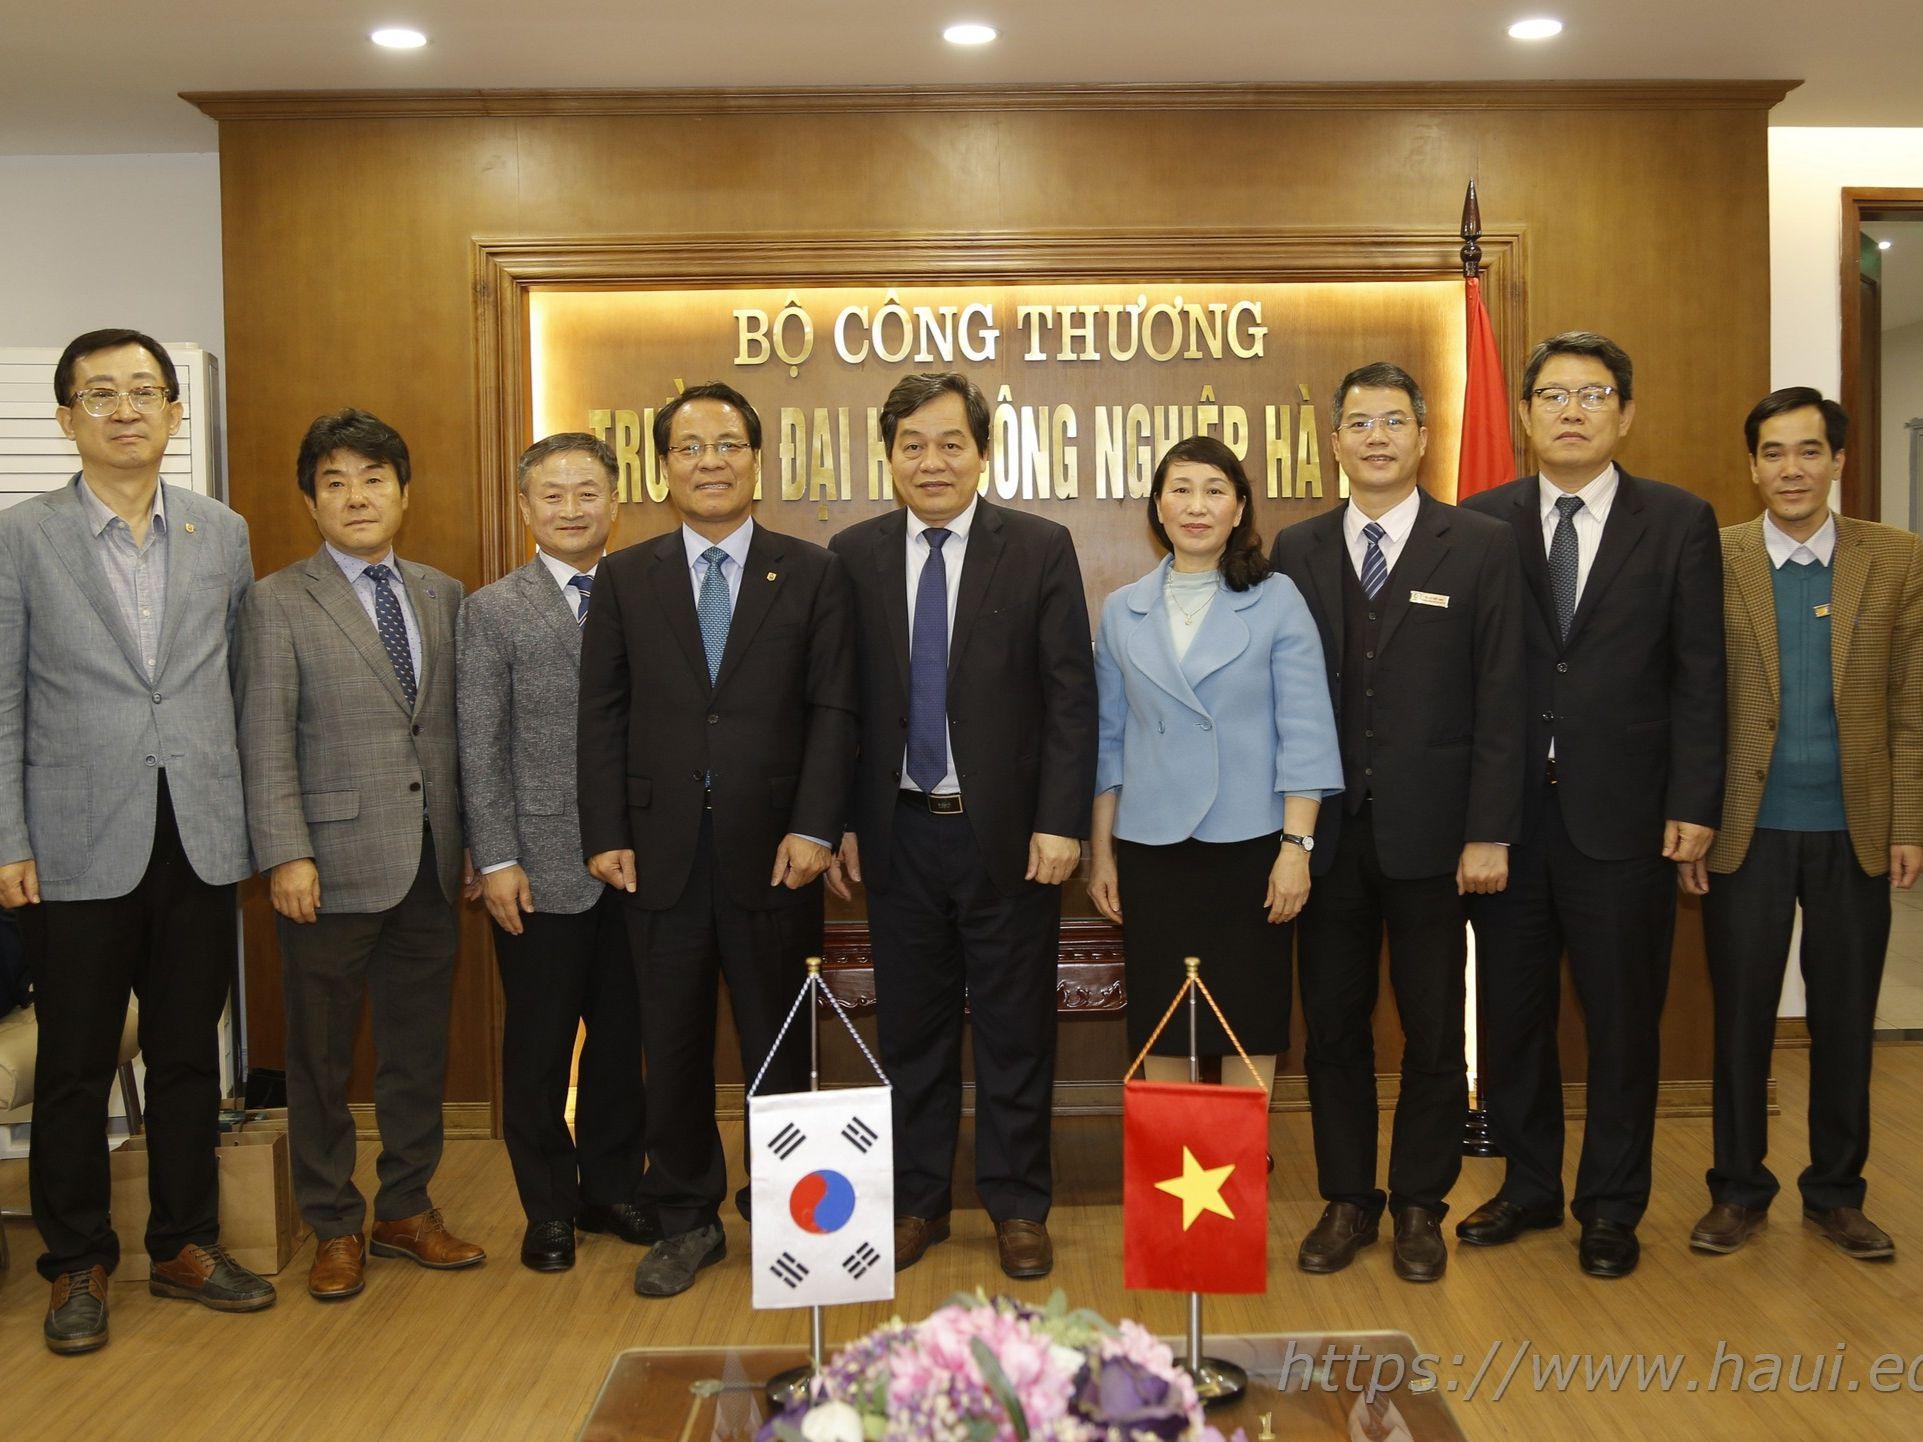 Trường Đại học Hannam, Hàn Quốc đến thăm và làm việc với Trường Đại học Công nghiệp Hà Nội